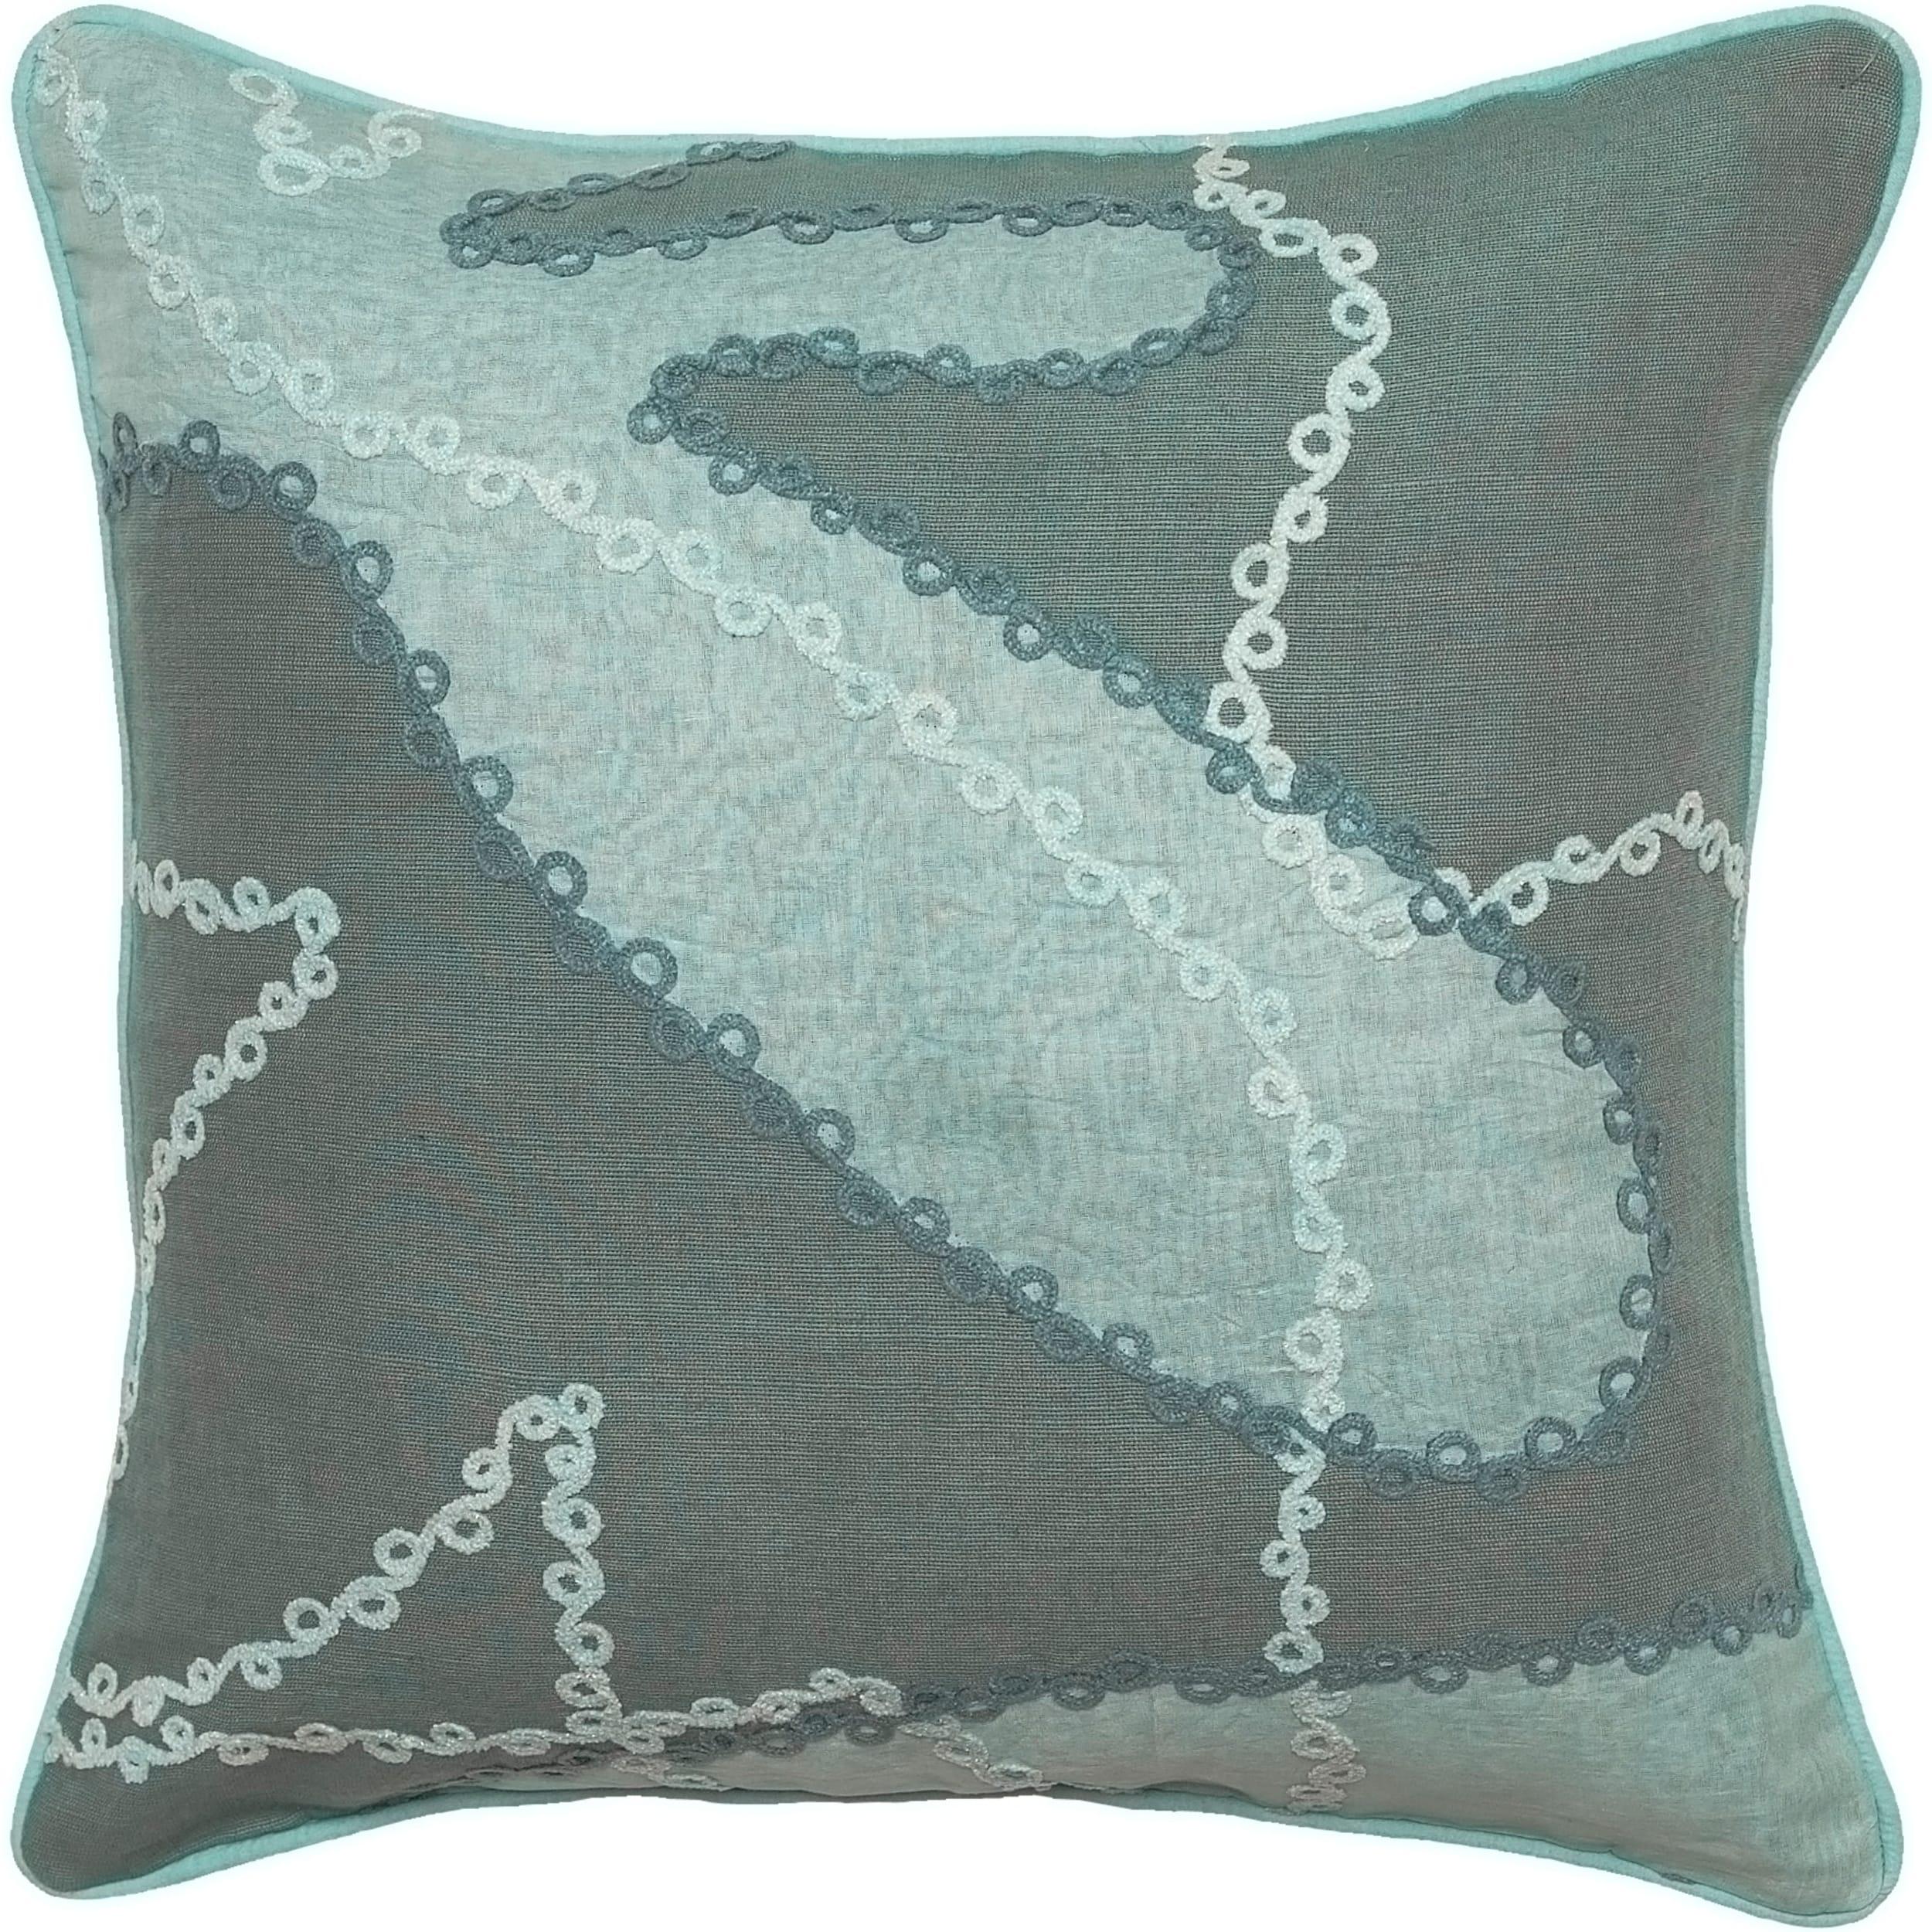 Decorative 18-inch Granite Pillow